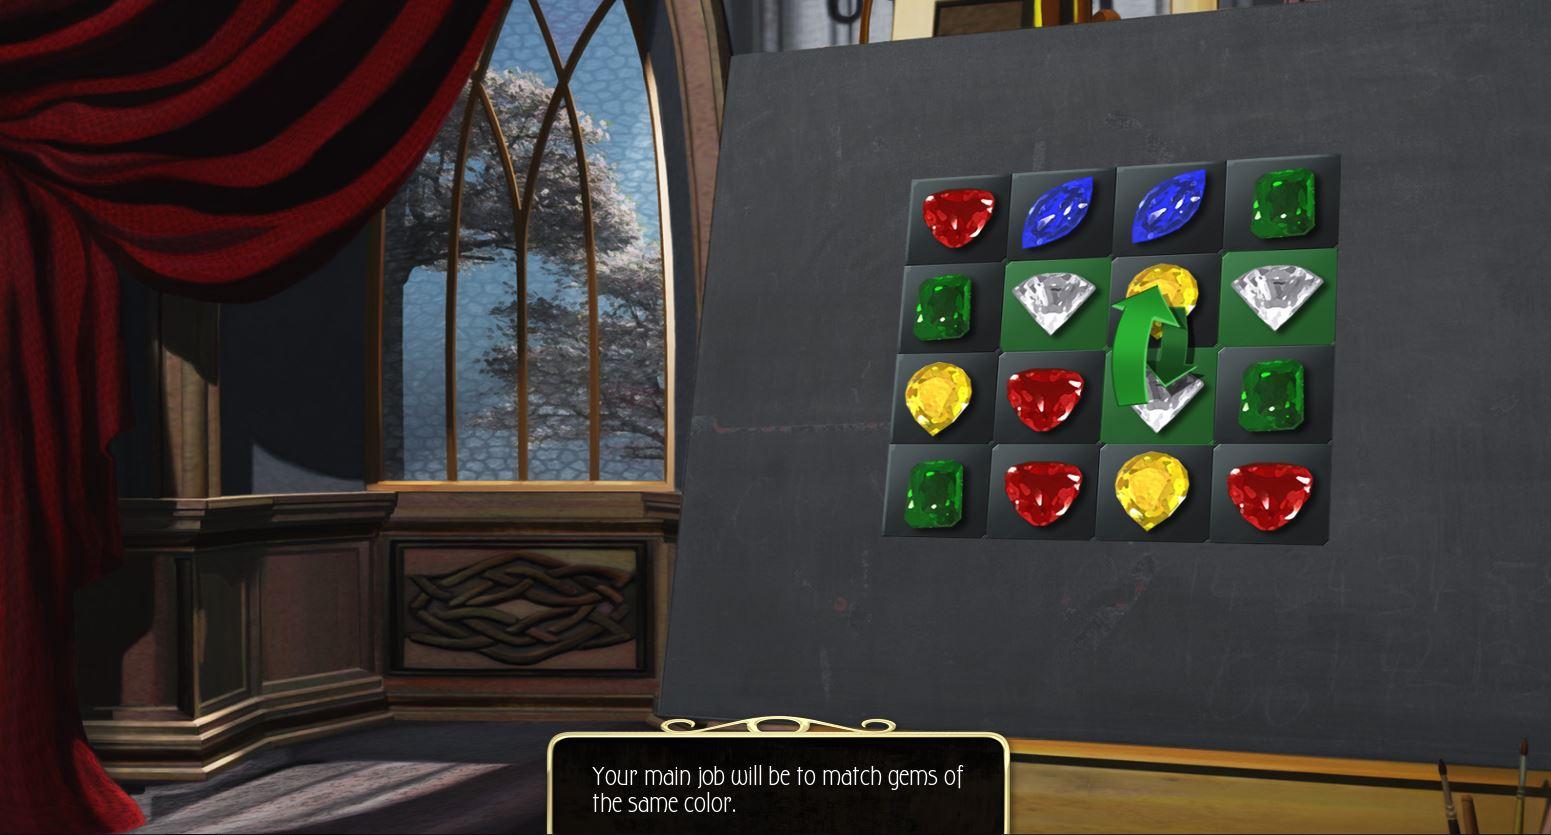 宝石神话2:重装上阵PC破解版截图1